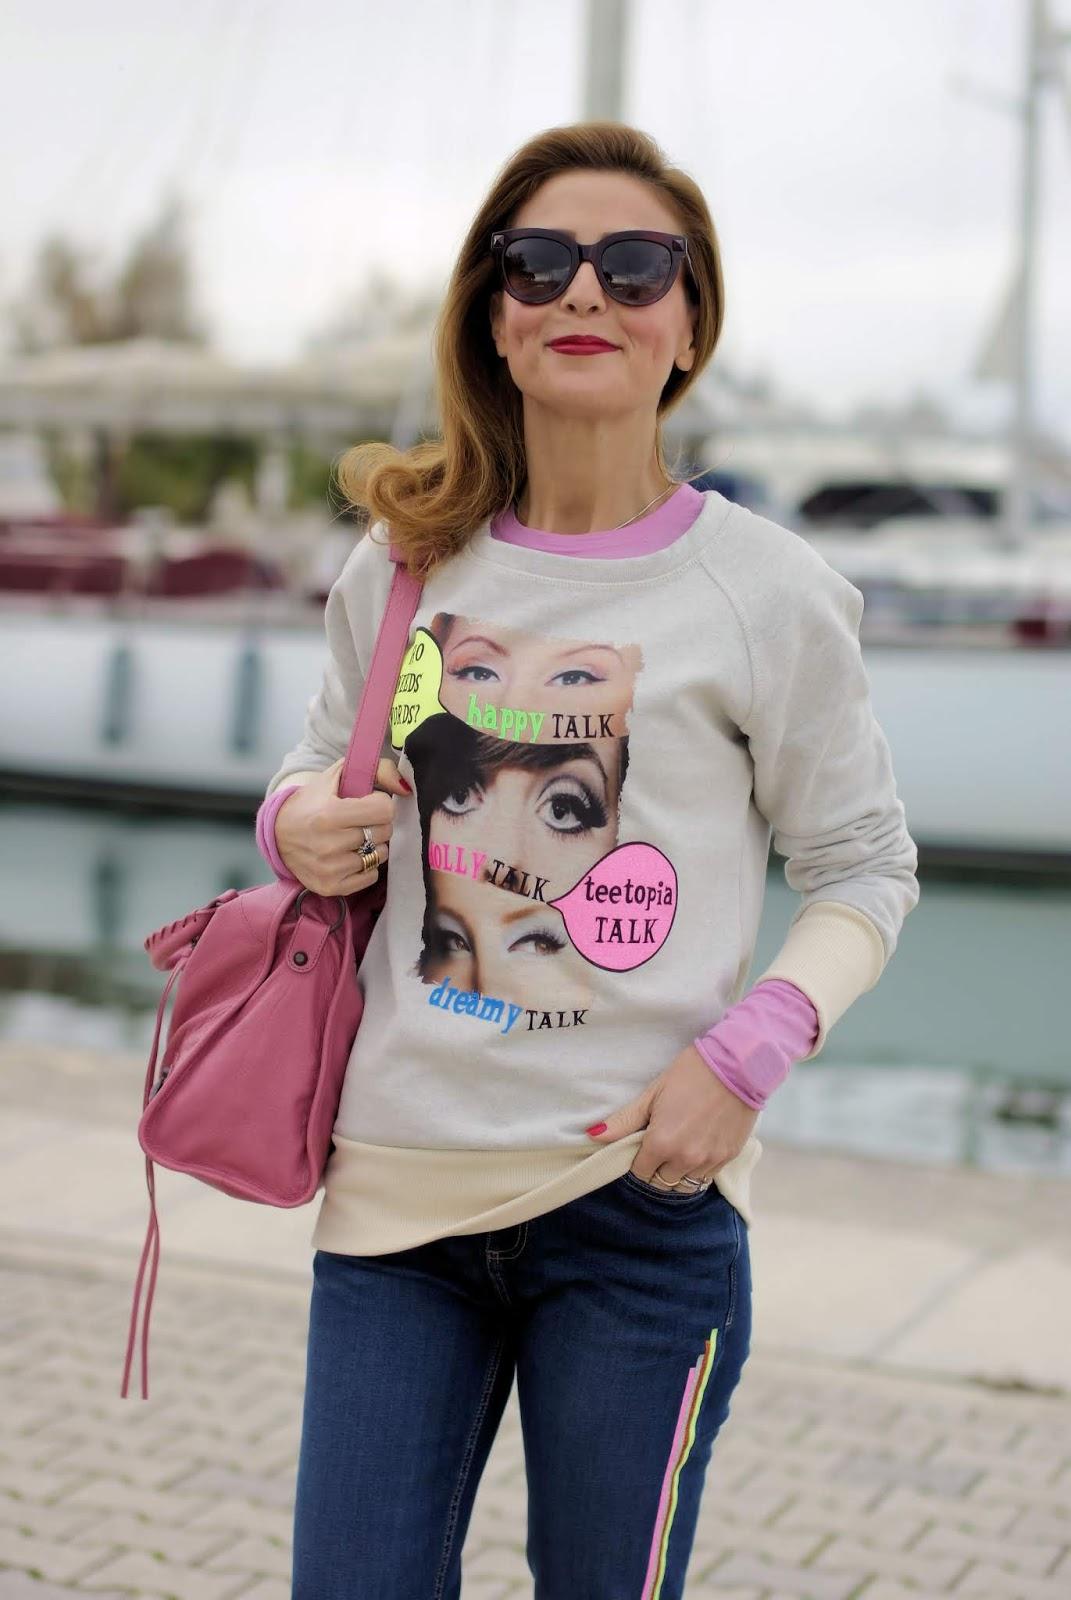 Teetopia a L'Artigiano in fiera di Milano su Fashion and Cookies fashion blog, fashion blogger style